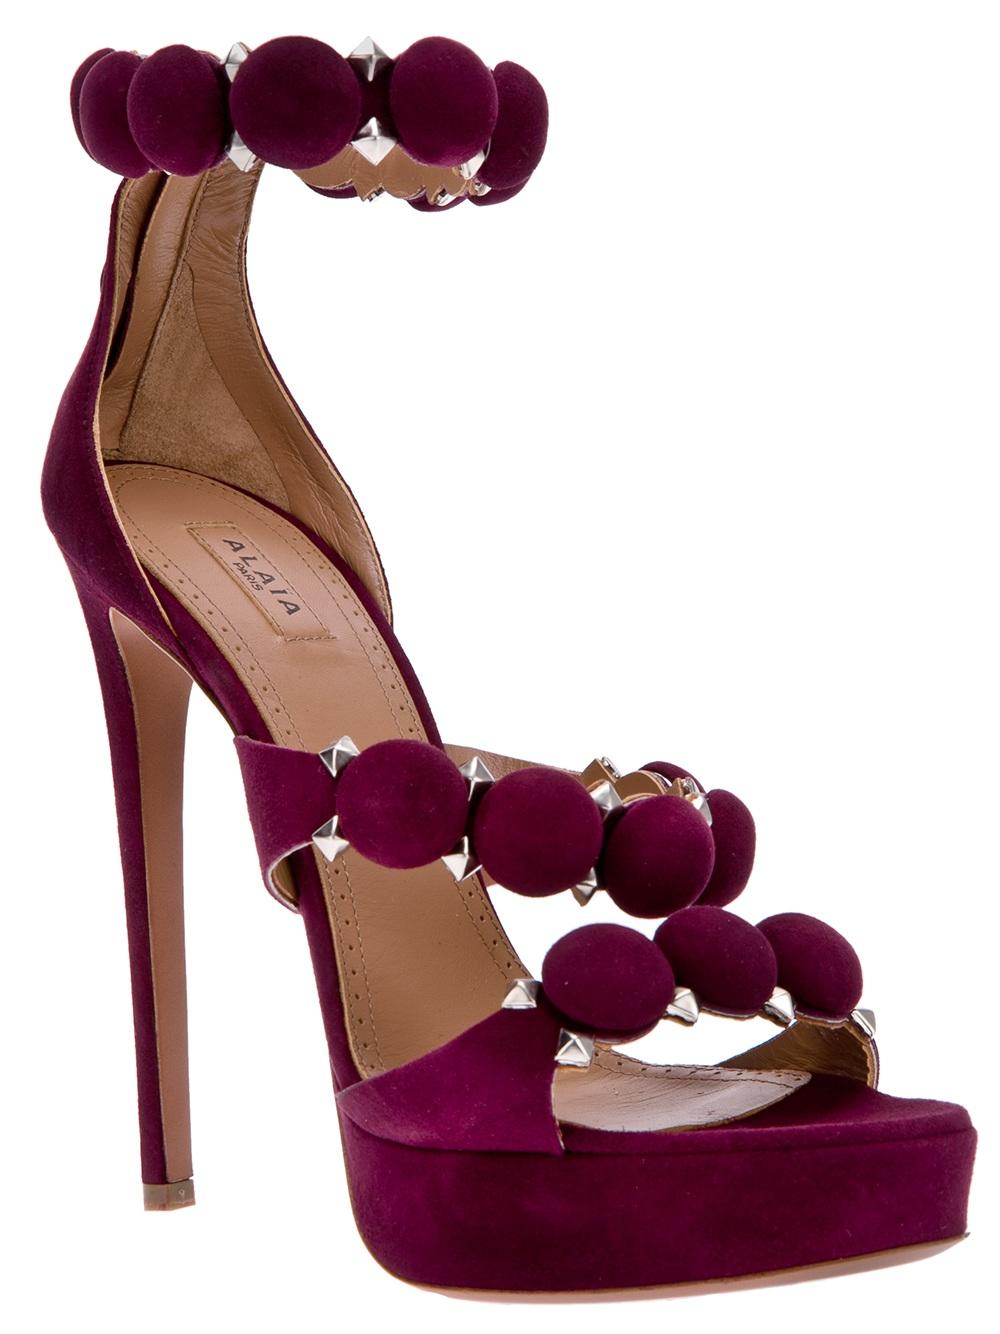 alaia shoes gallery YZDKIXN